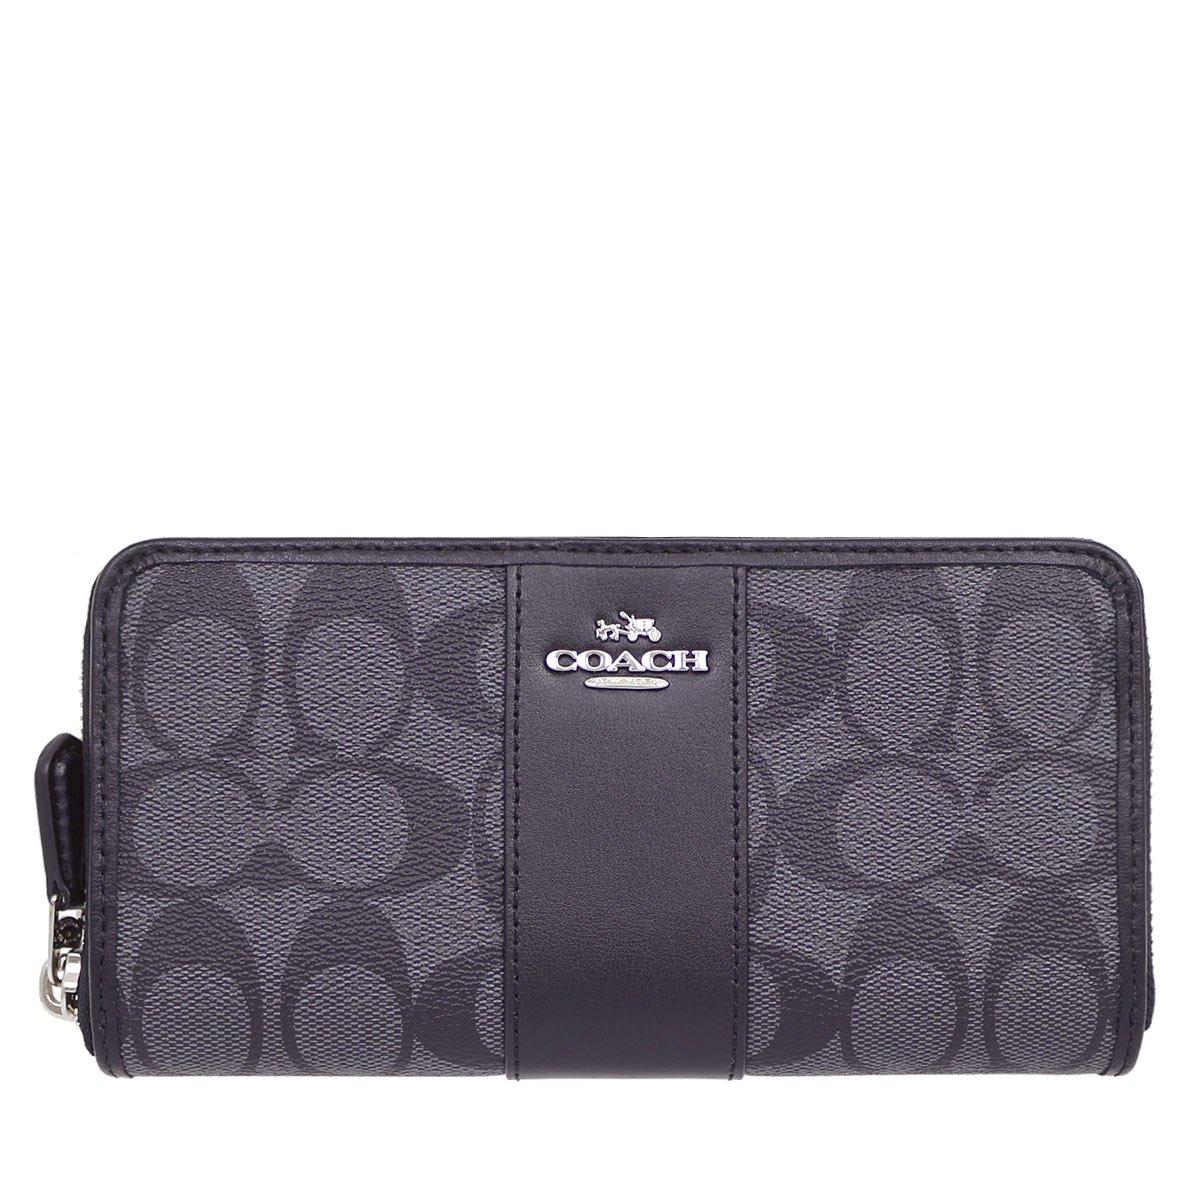 [コーチ] COACH 財布 (長財布) F54630 シグネチャー 長財布 レディース [アウトレット品] [並行輸入品] B077BQ3R12 ブラックスモーク/ブラック ブラックスモーク/ブラック